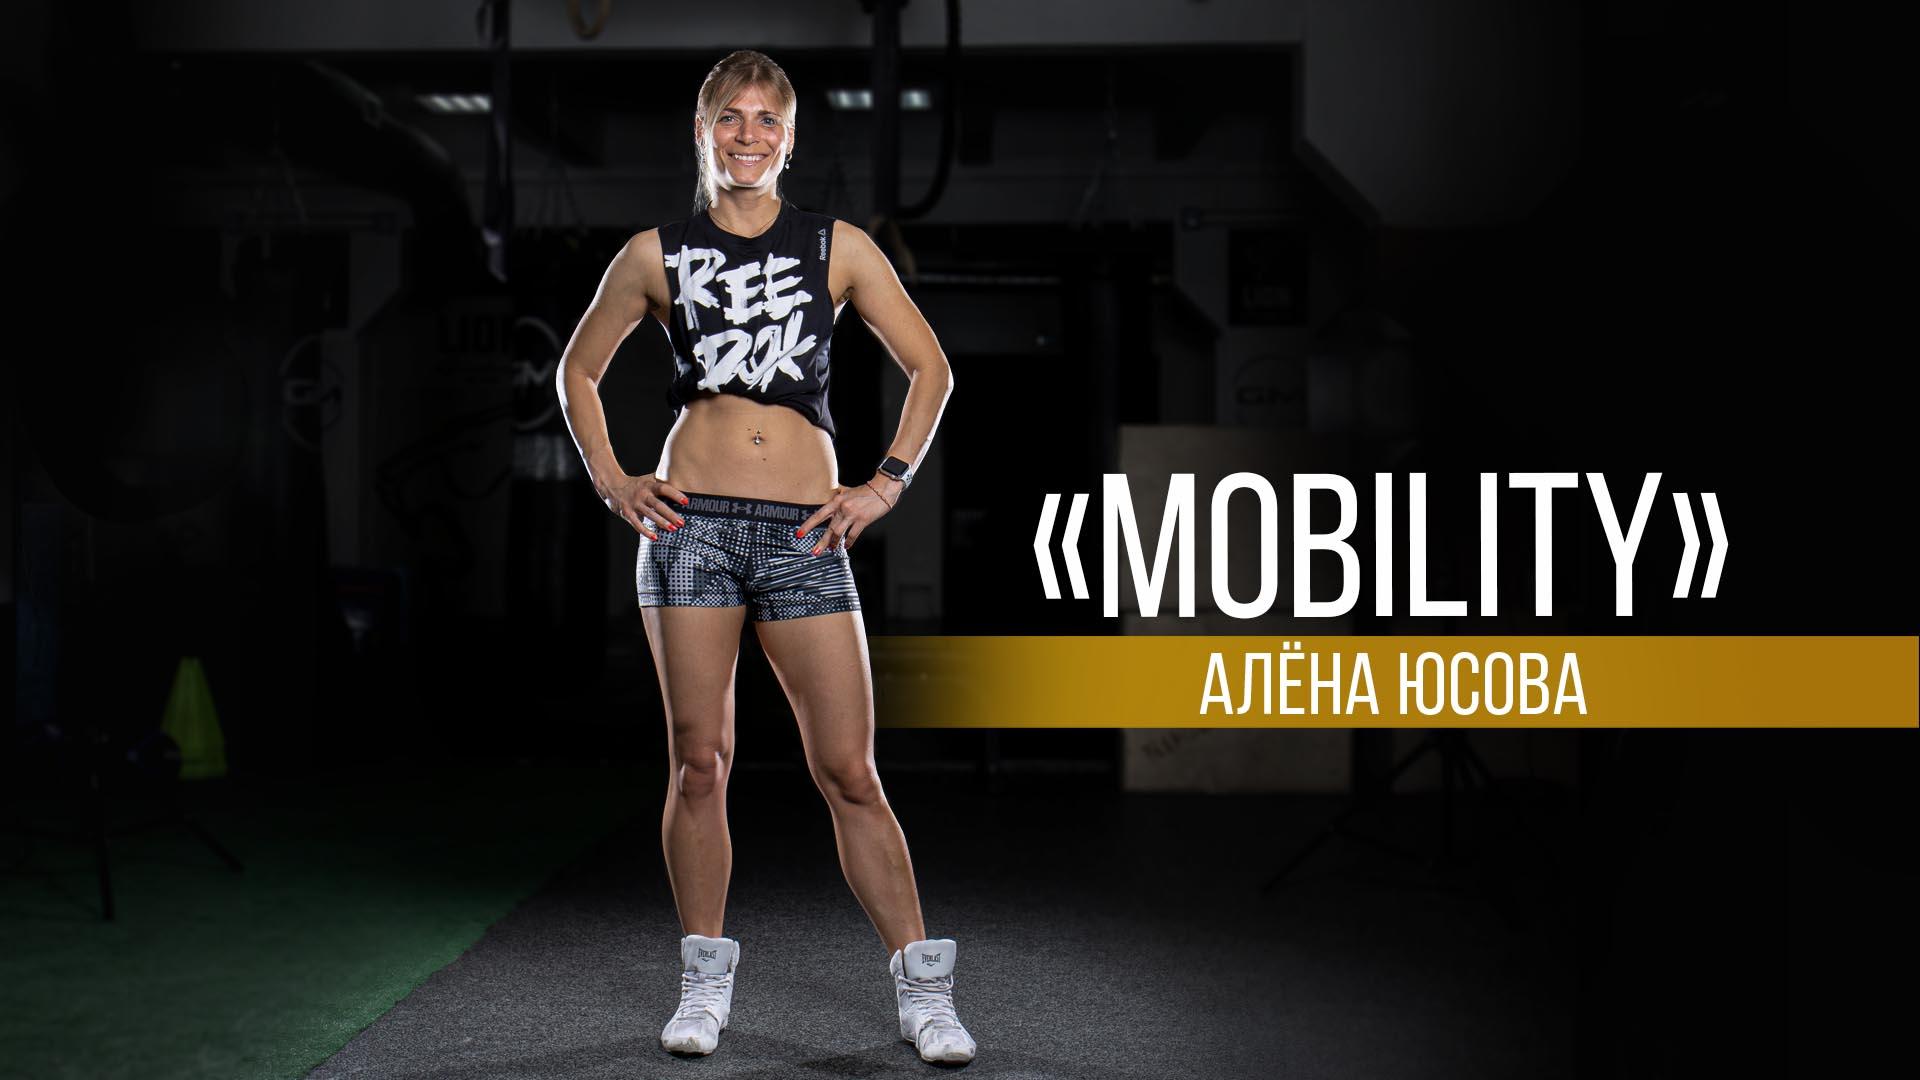 """Алена Юсова Тренер по функциональному тренингу """"Mobility"""""""